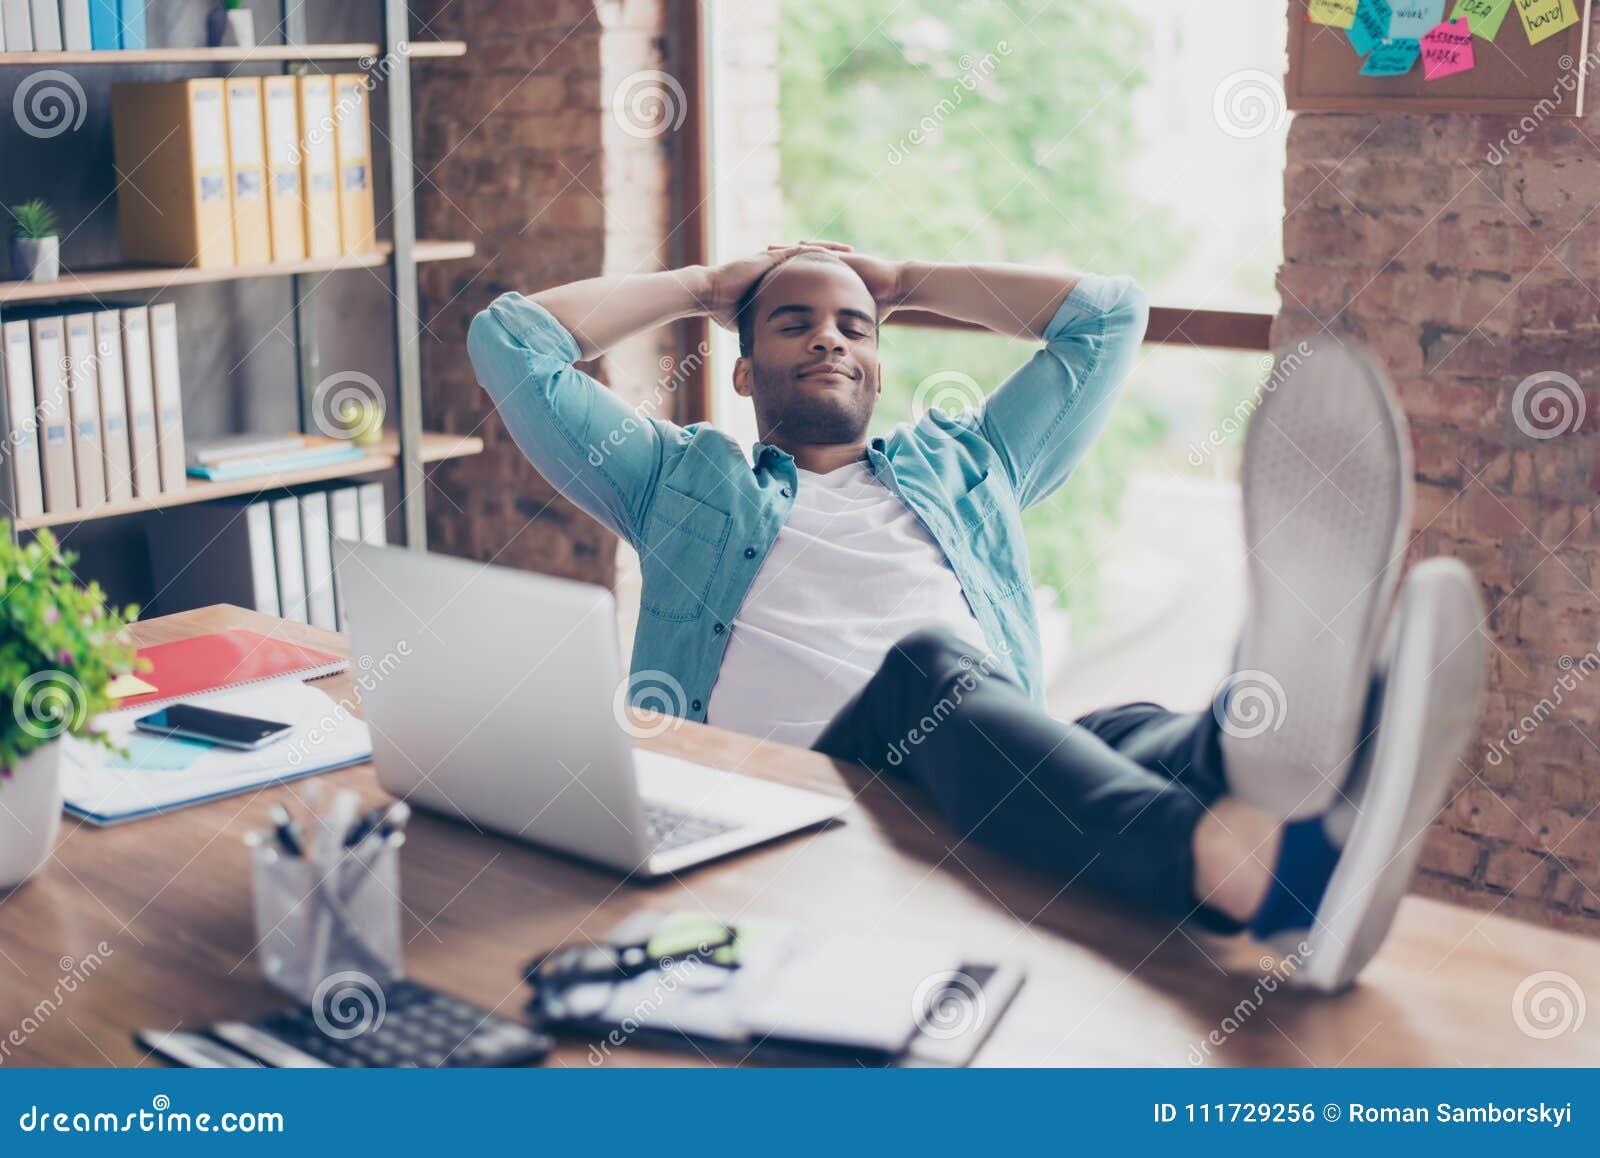 Jonge vrolijke afro freelancer rust op het werk, met voeten bovenop het bureau, met gesloten ogen, het glimlachen, het dromen